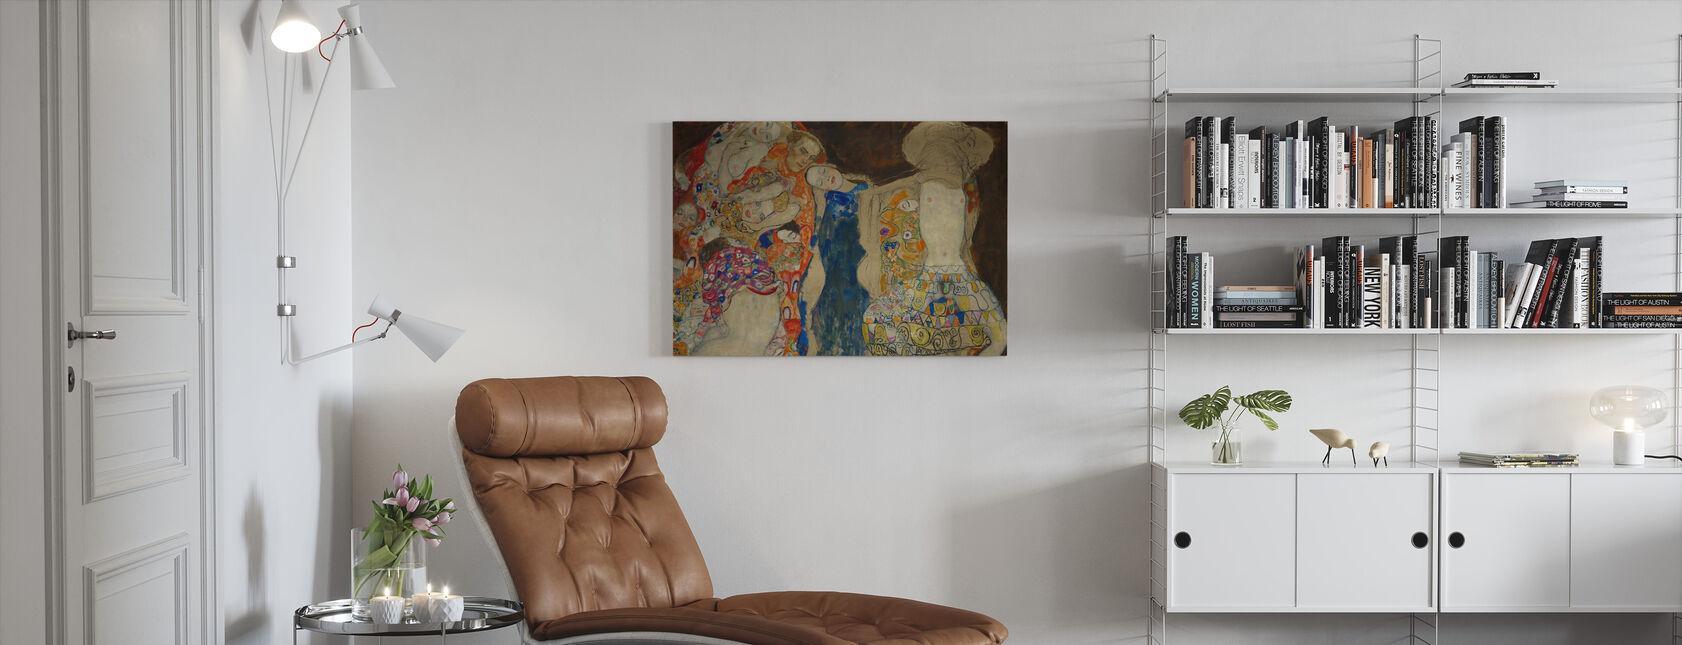 Brud - Gustav Klimt - Canvastavla - Vardagsrum